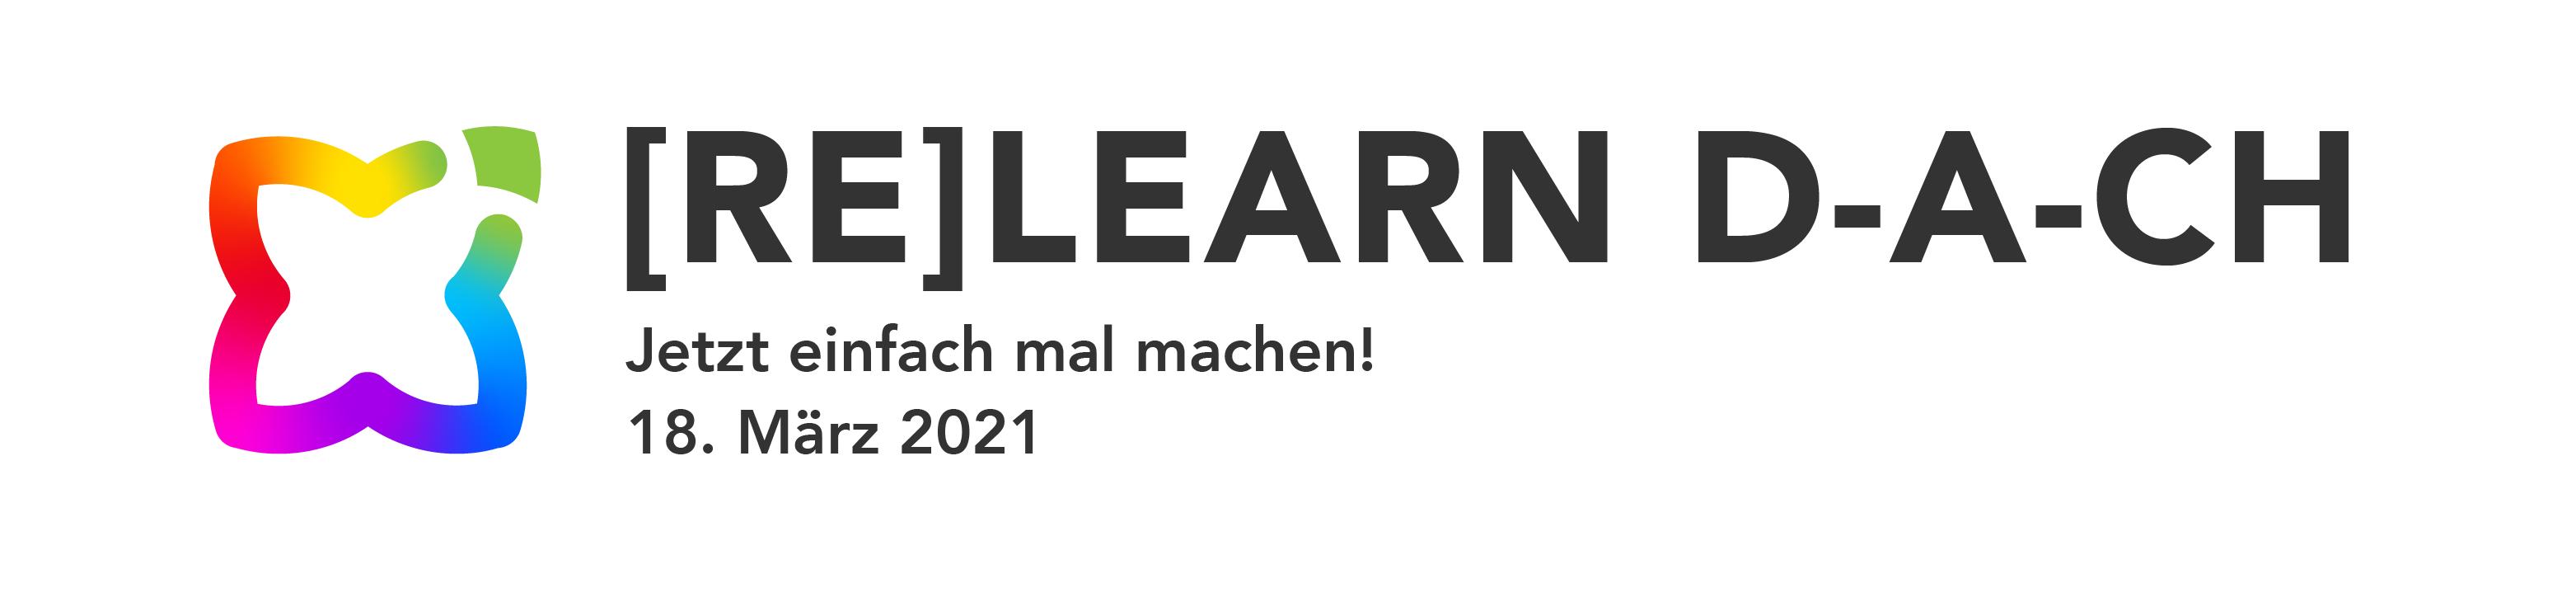 learnlife_relearn_dach_4-1